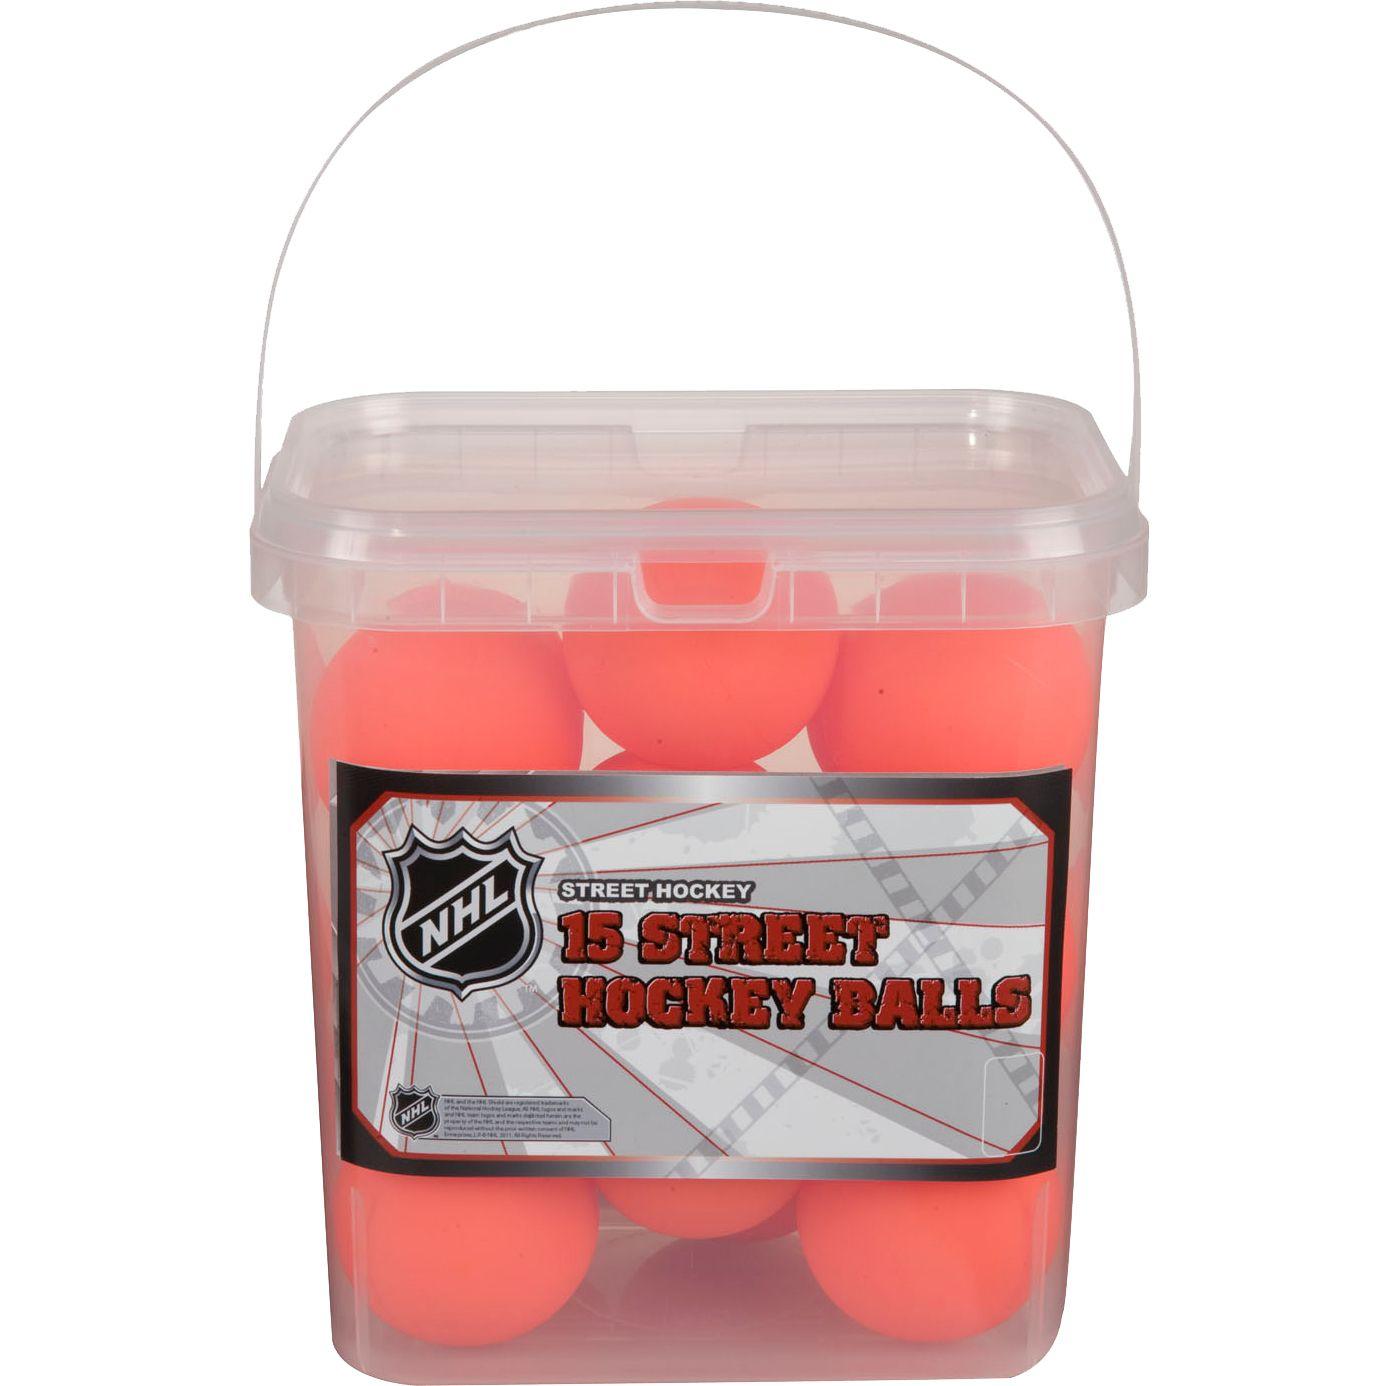 Franklin NHL High Density Balls 15 Pack